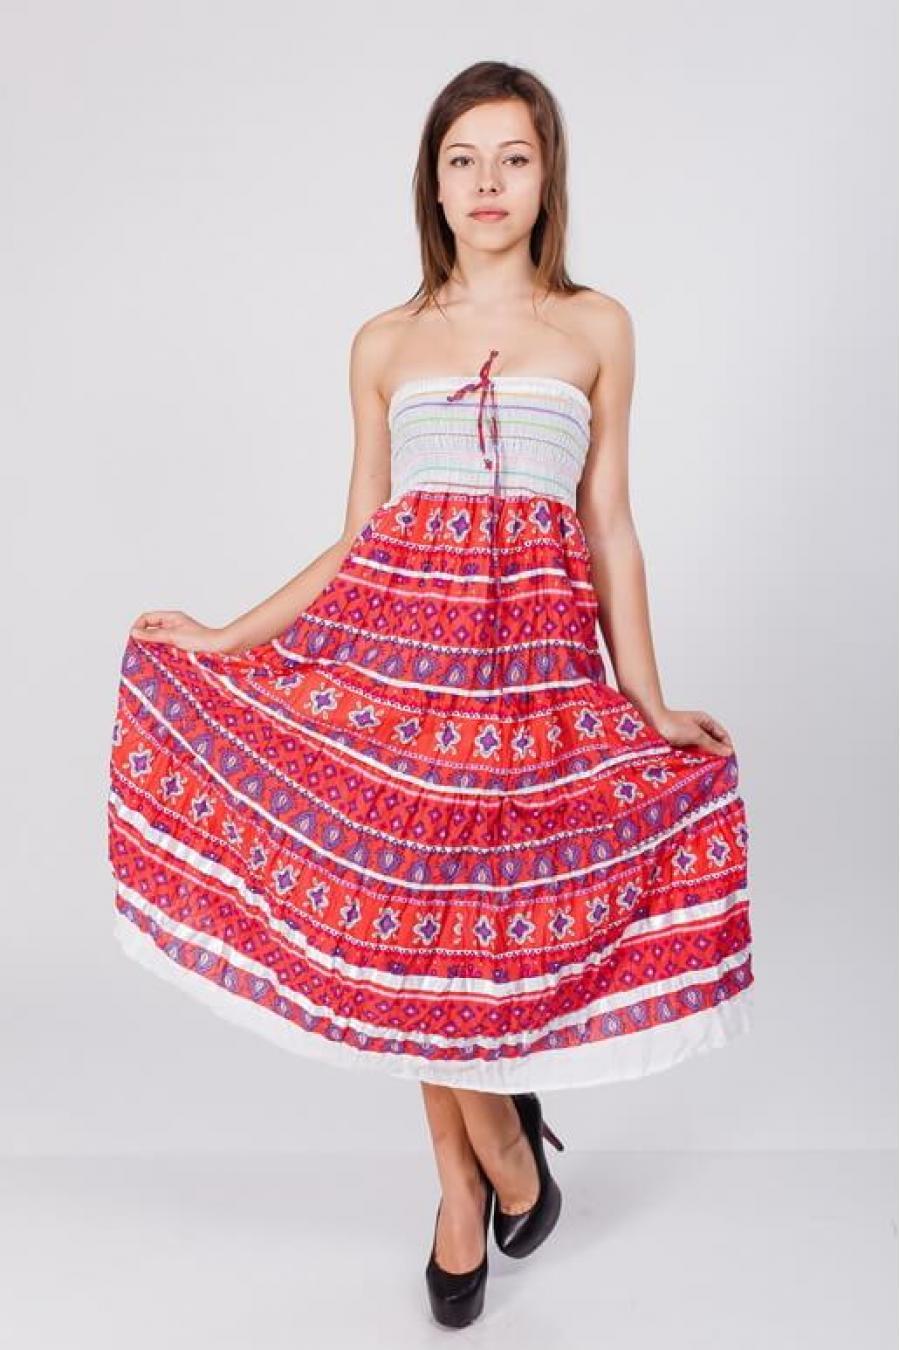 Женские юбки купить недорого украина